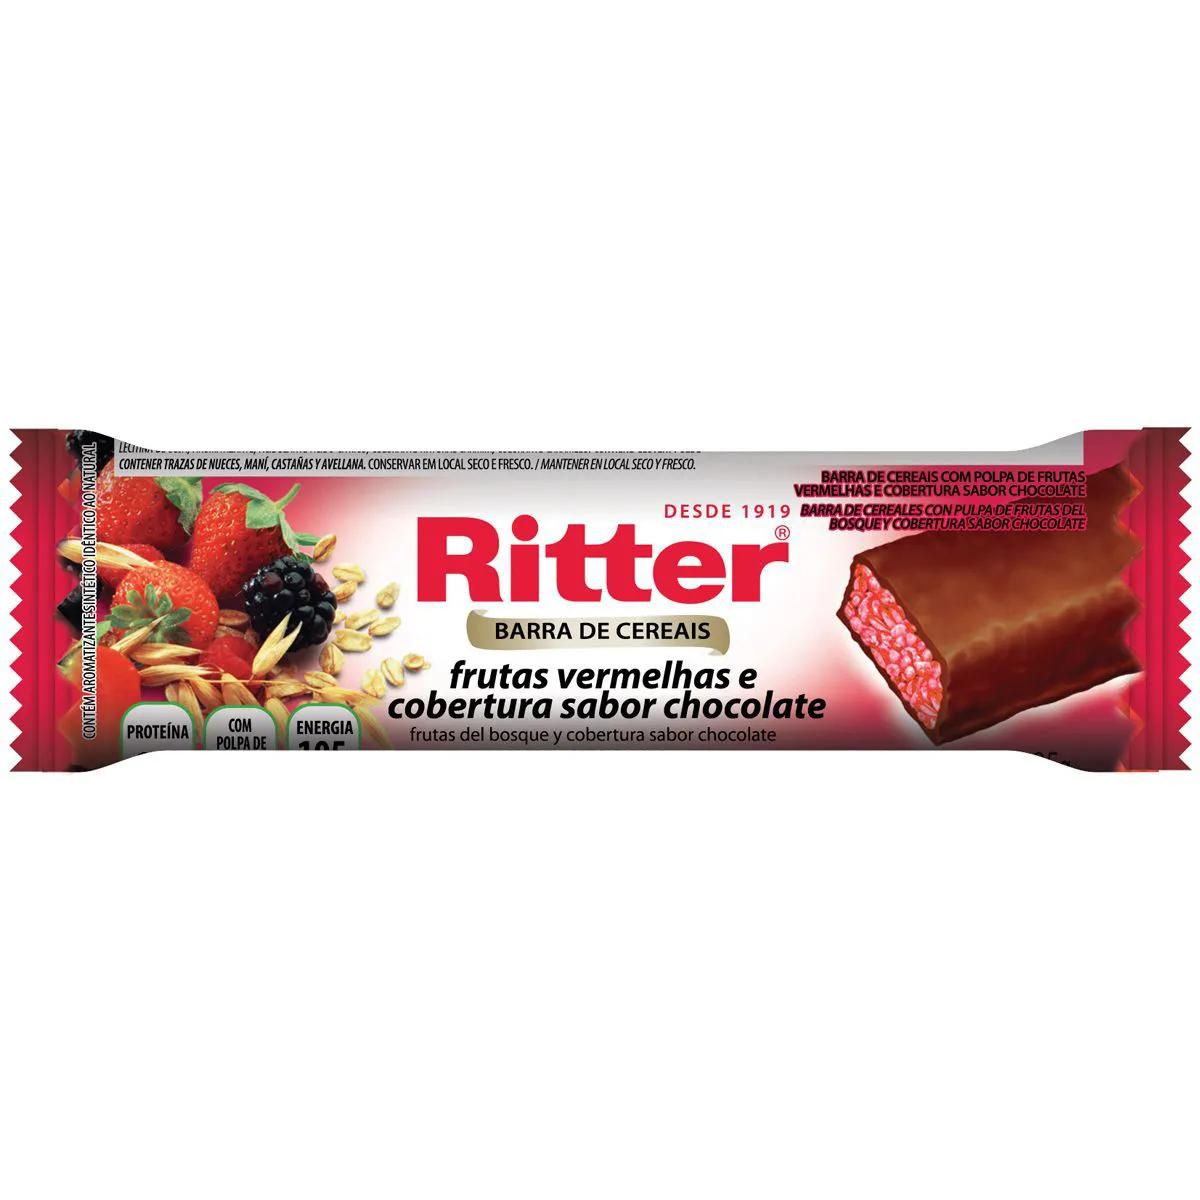 Barra de Cereal Frutas Vermelhas com Chocolate 25g - Ritter